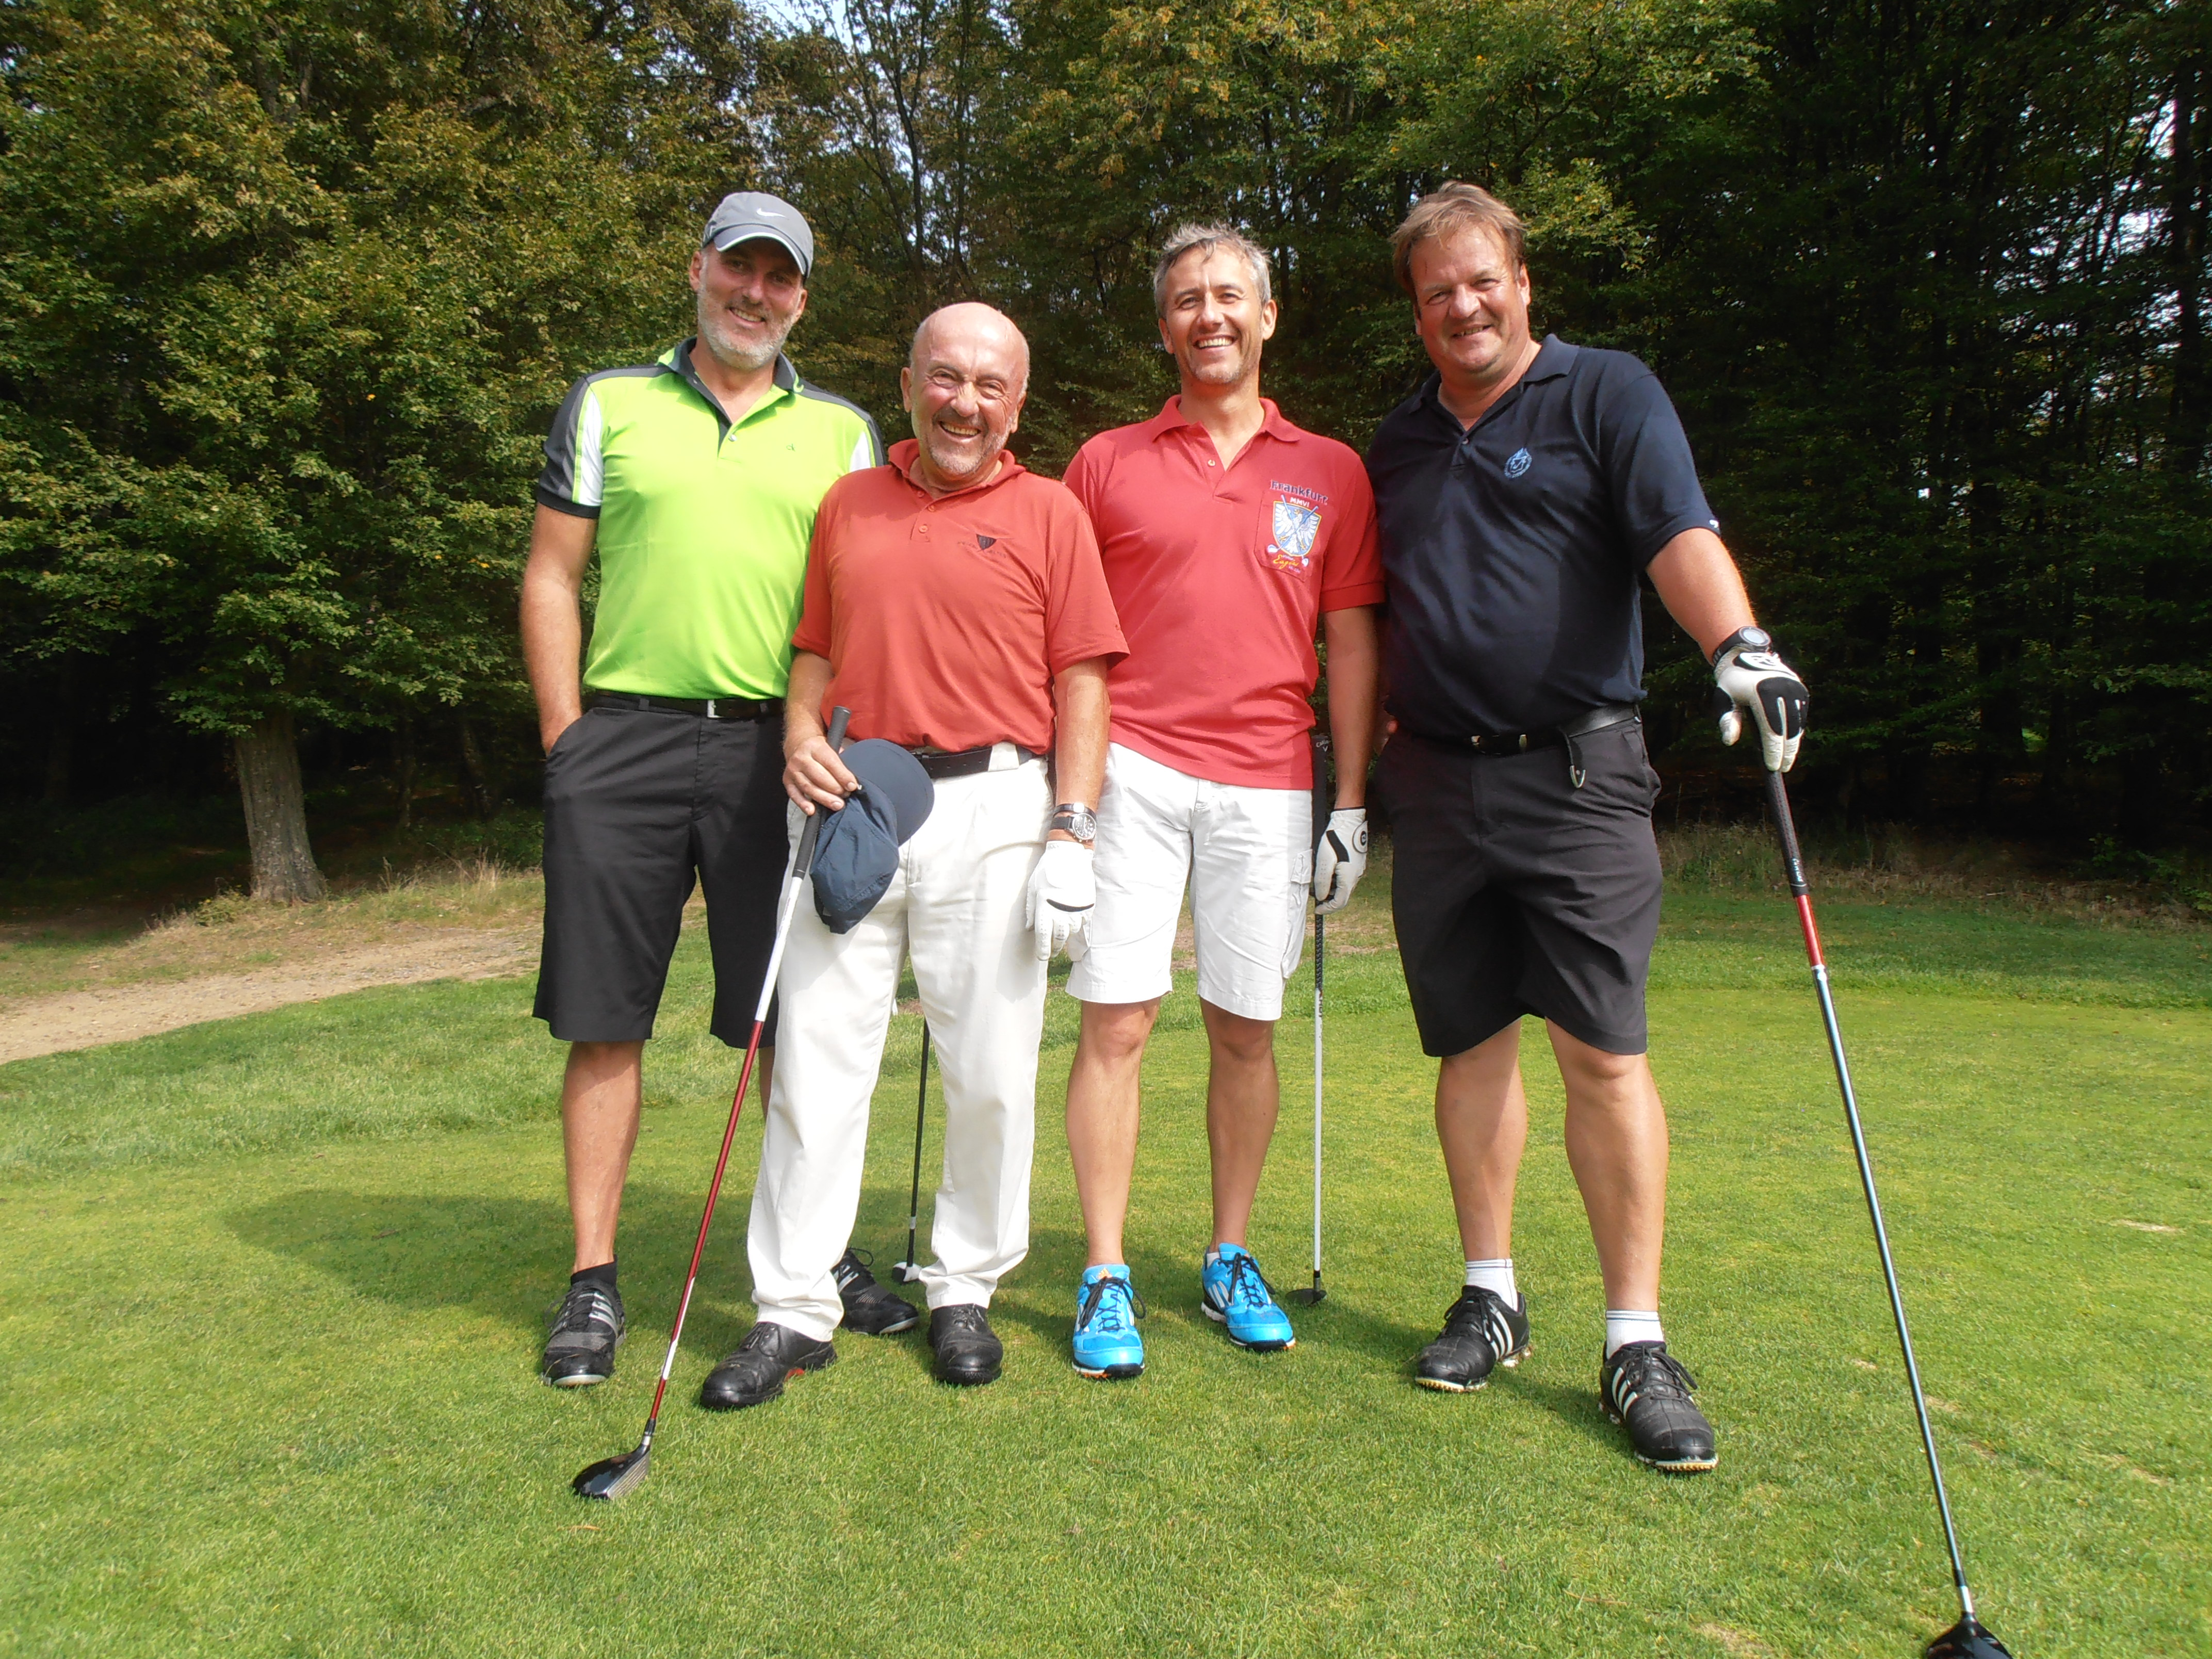 Sichtlich Spaß im Flight hatten (v.l.n.r.): Stephan Haida (Organisator LIONS Club Bad Homburg Hessenpark), Klaus Wolfermann (Speerwurf-Olympiasieger 1972), Dirk Rosinski, Heiner Spät (Präsident Golf Club Schloss Braunfels).